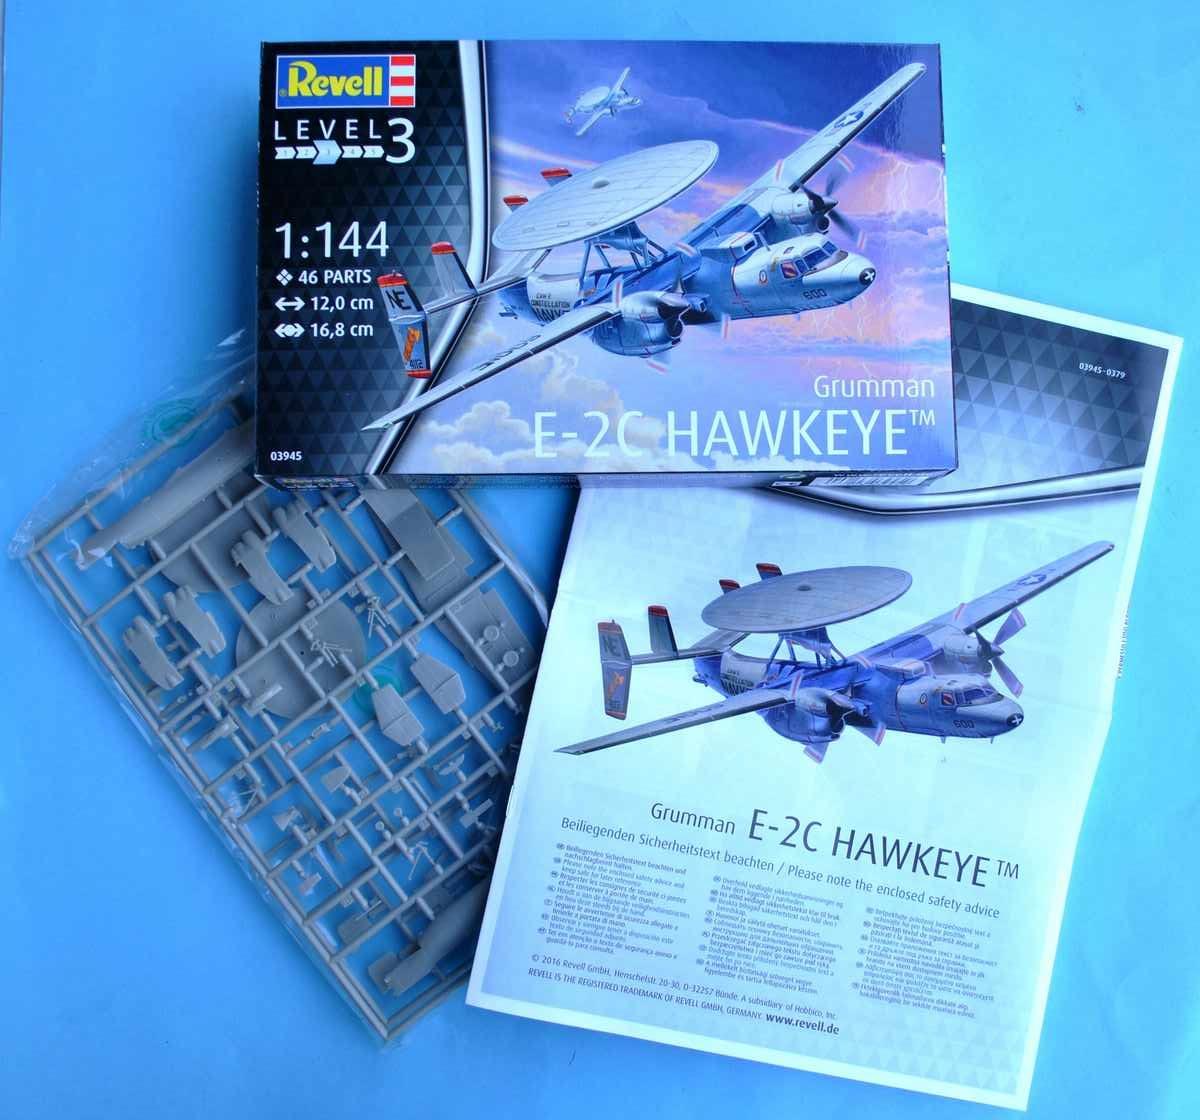 Revell-03945-Grumman-E-2C-Hawkeye-11-e1475684549606 Grumman E-2C Hawkeye von Revell im Maßstab 1:144 ( 3945 )